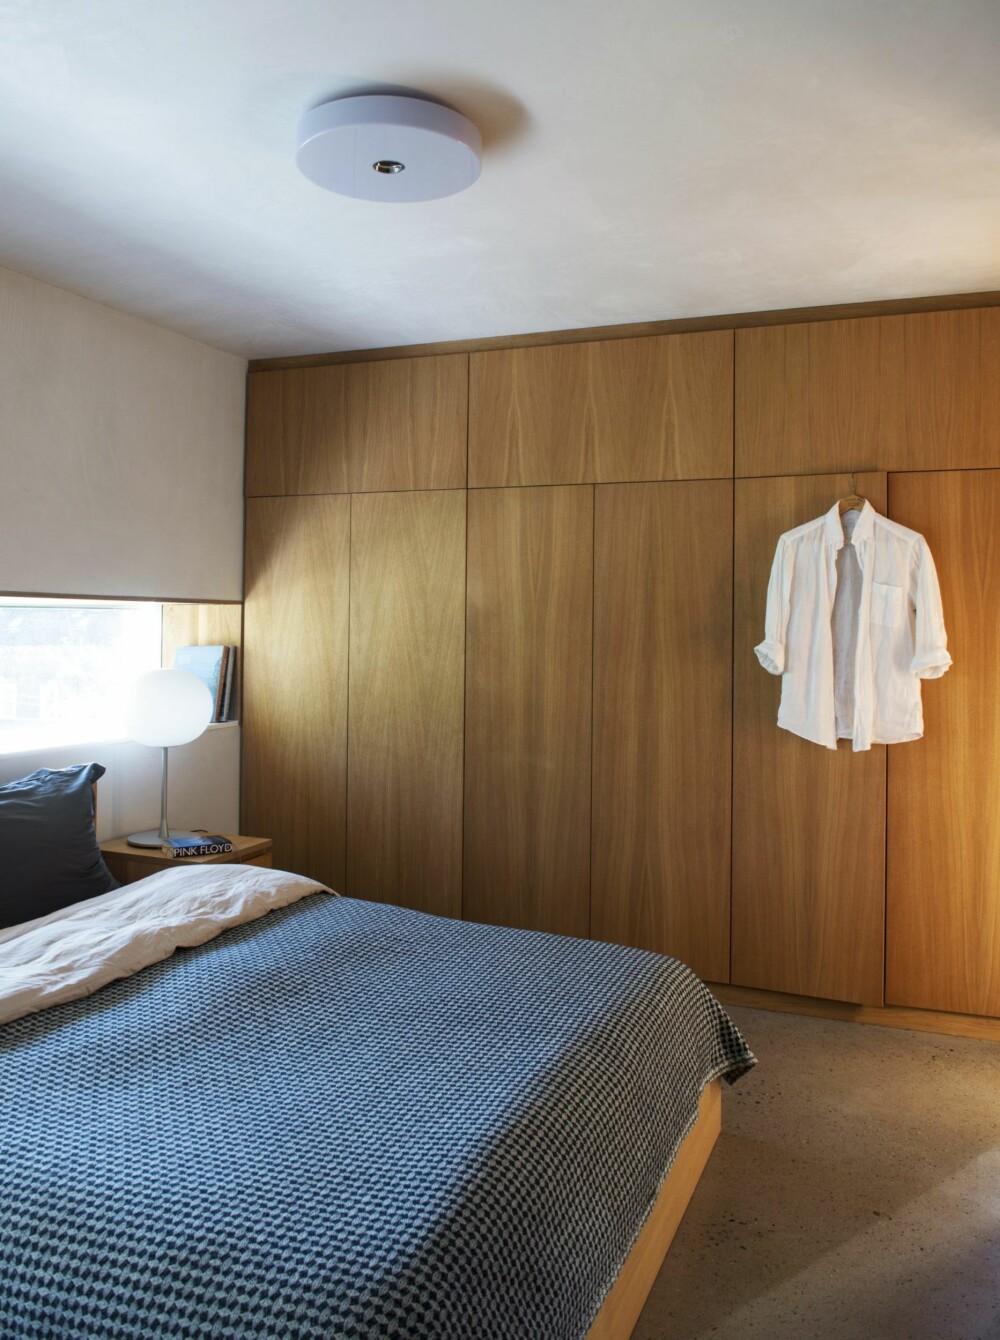 INTEGRERT GARDEROBE: Fremfor først å bygge soverommet for så å innrede med skap, er garderoben tegnet inn som en integrert del av rommet. Slik er plassen utnyttet maksimalt, samtidig som rommet får et rolig uttrykk. Styling: Juni Hjartholm.